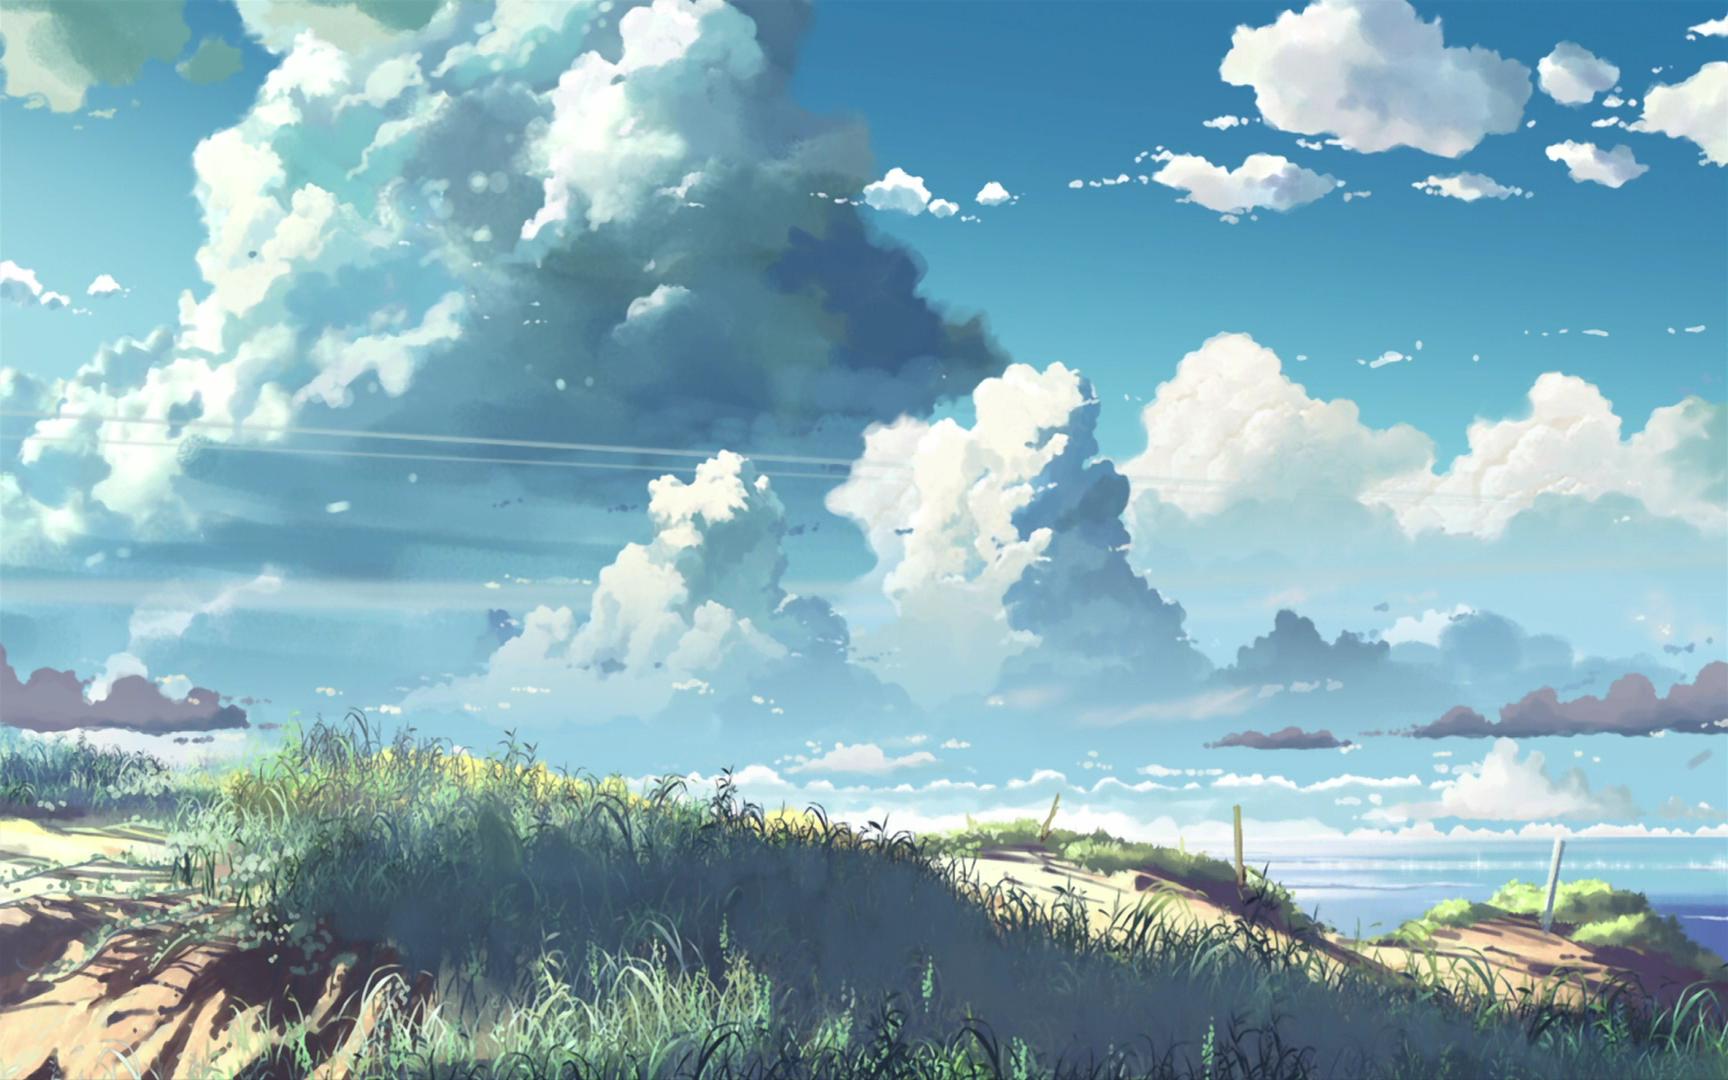 #sky, #artwork, #5 Centimeters Per Second, #makoto - 5 Centimeters Per Second , HD Wallpaper & Backgrounds